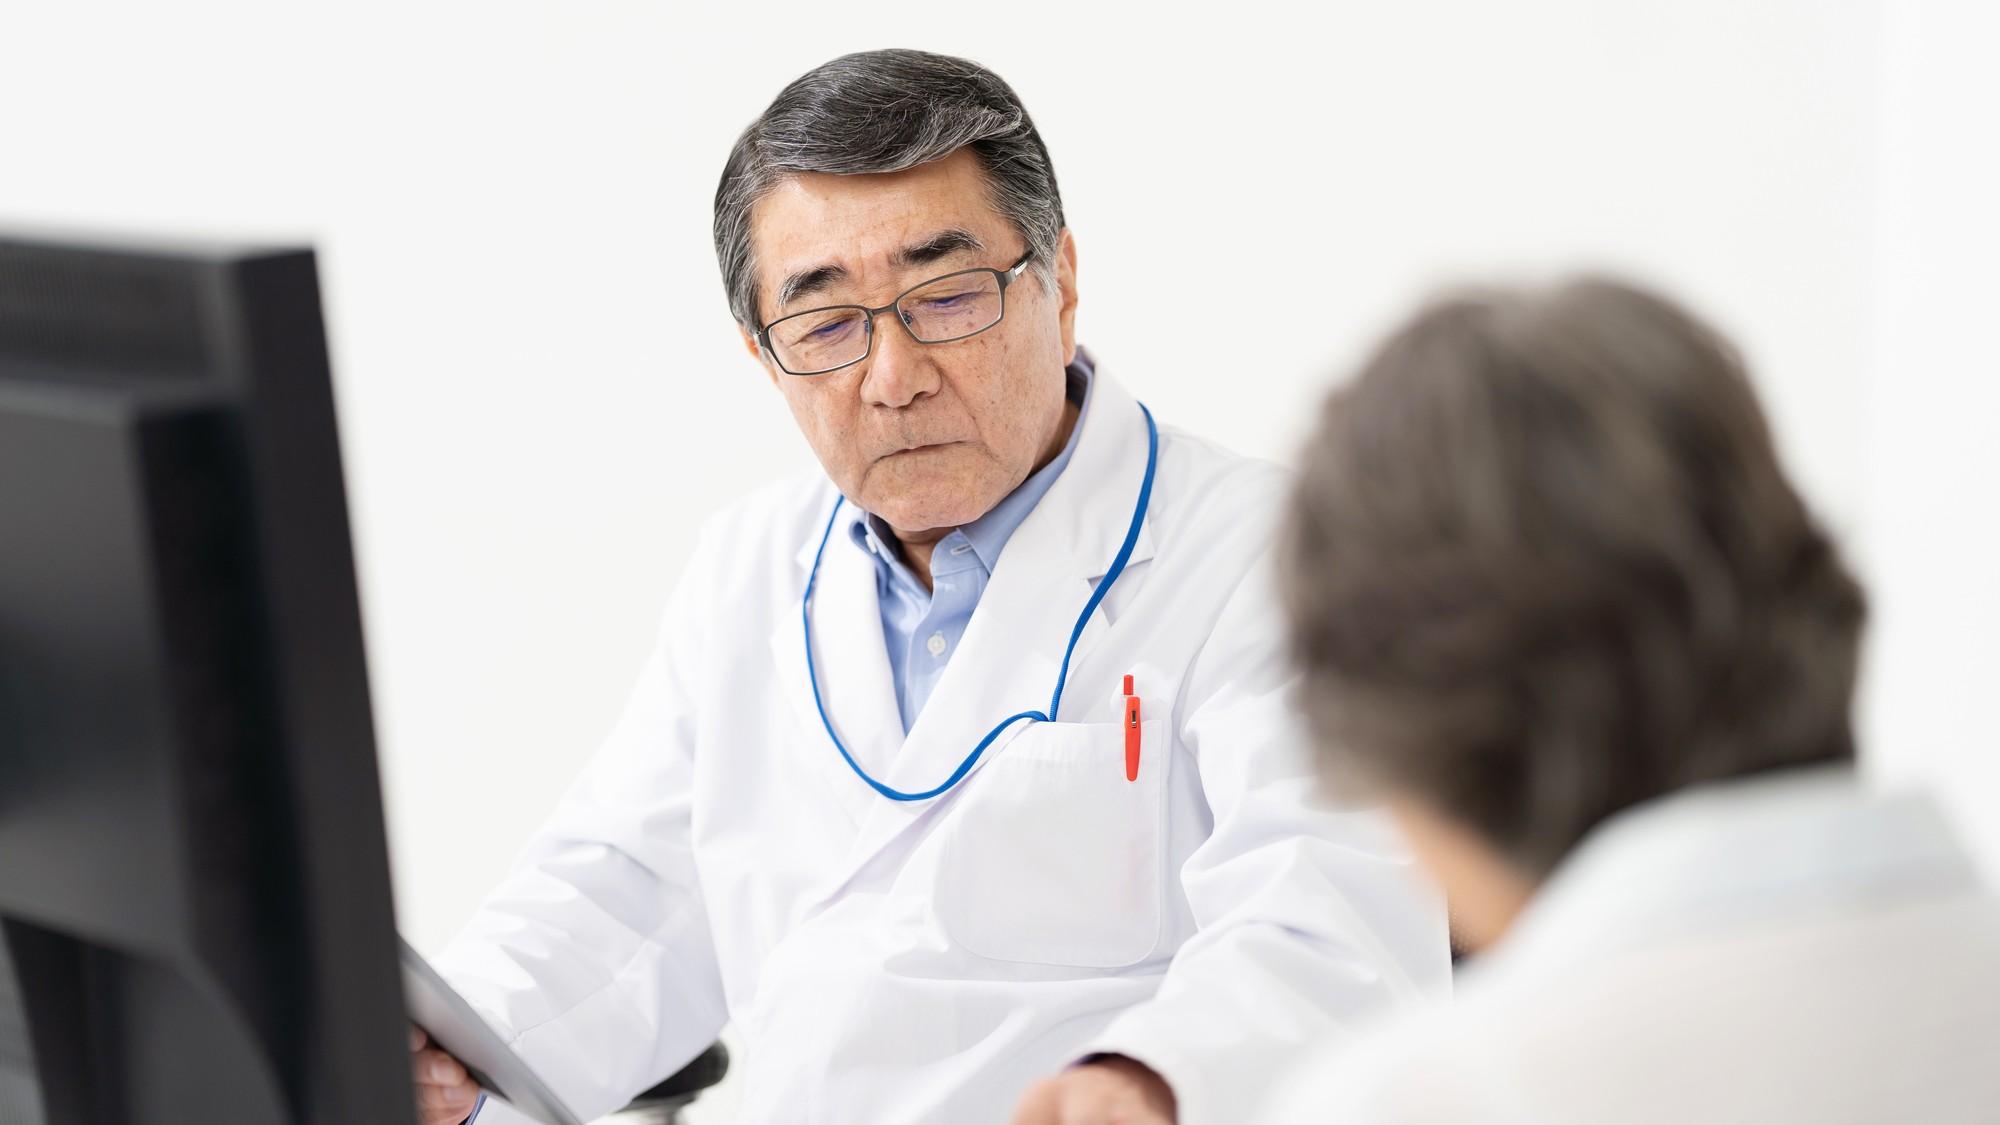 ちょっとでも笑顔を見せてほしい…患者が求める「医師の態度」